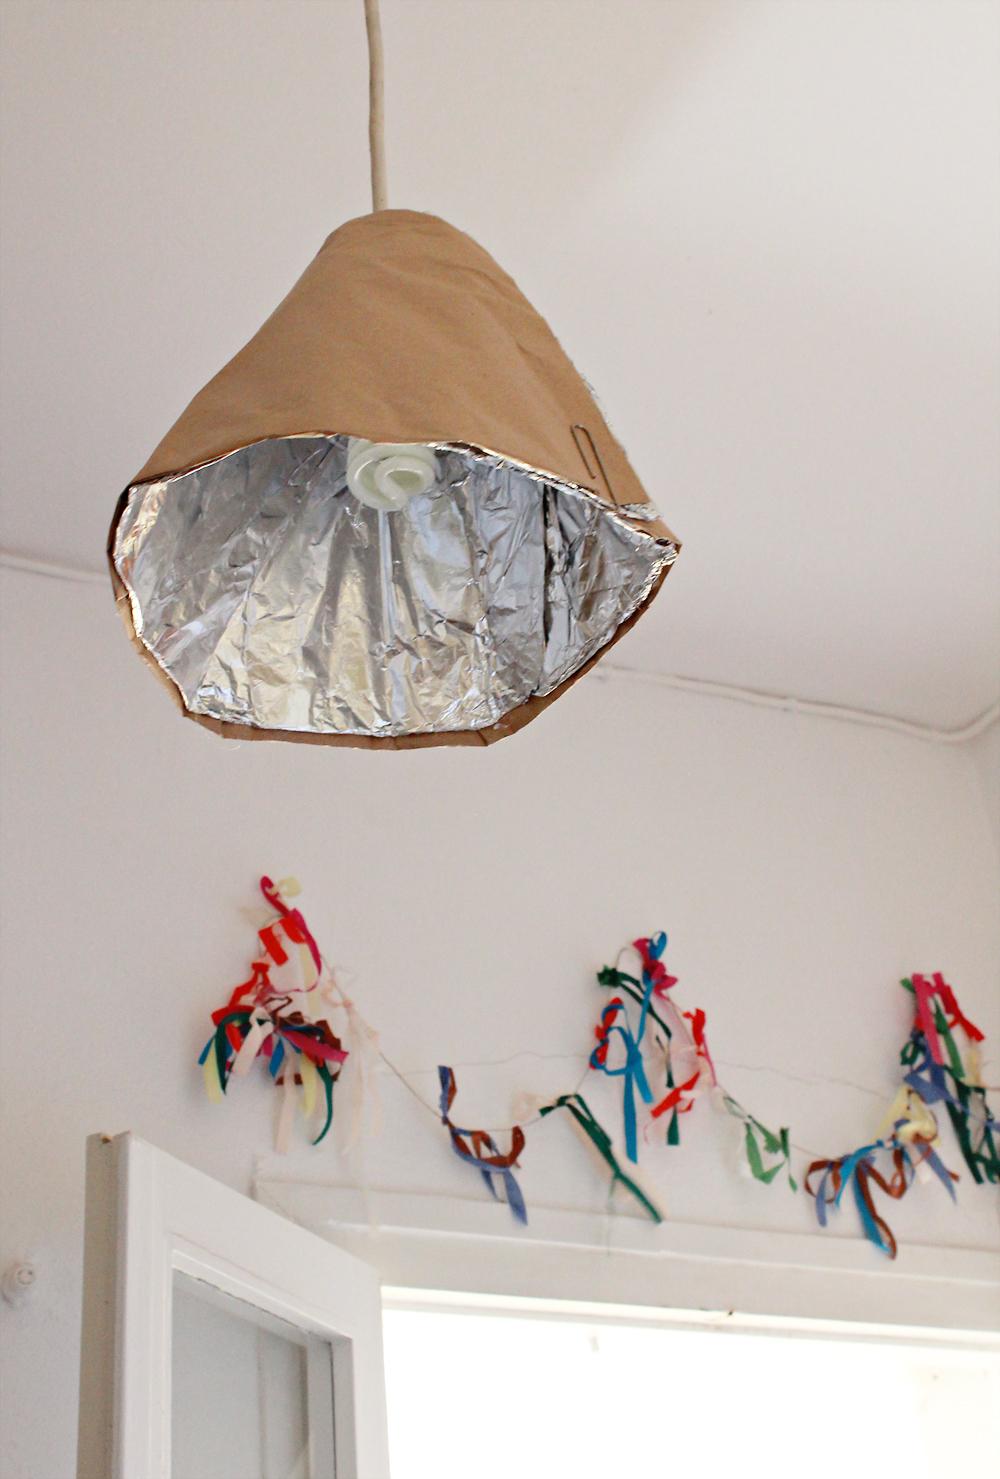 Φτιάξε ένα ανακυκλώσιμο φωτιστικό από ρολά χαρτιού κουζίνας & αλουμινόχαρτο 9.jpg